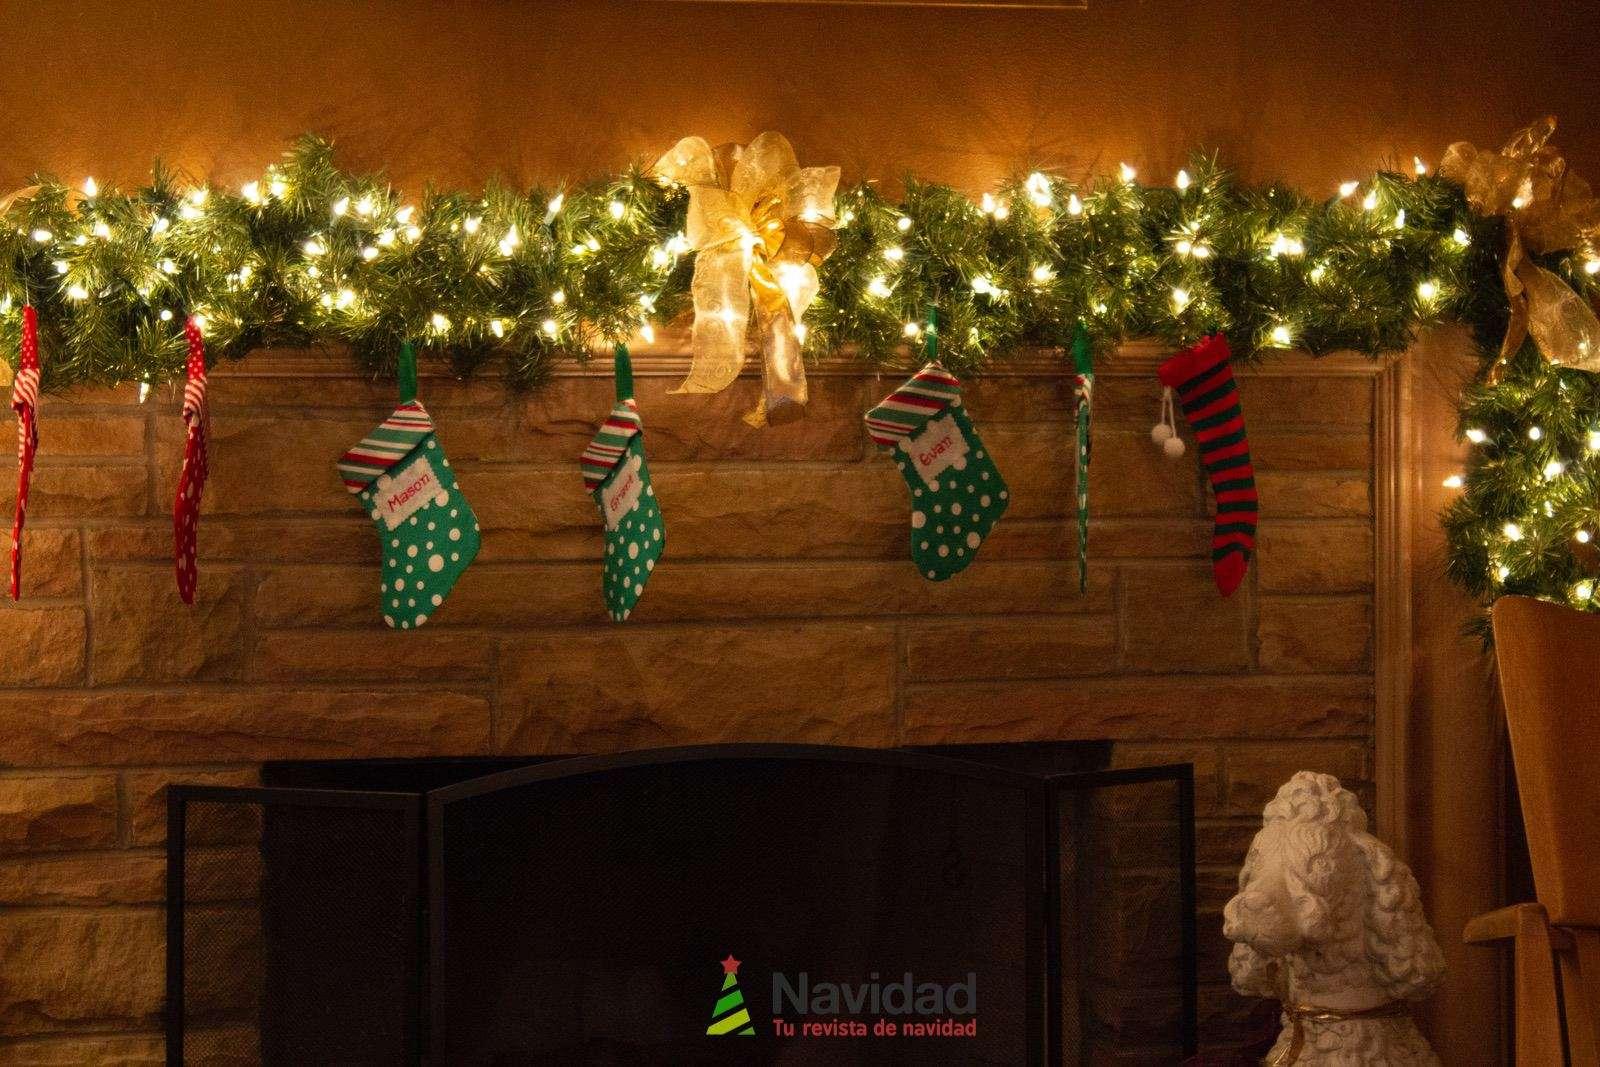 Chimeneas de Navidad para decorar y dar calor en fiestas 52